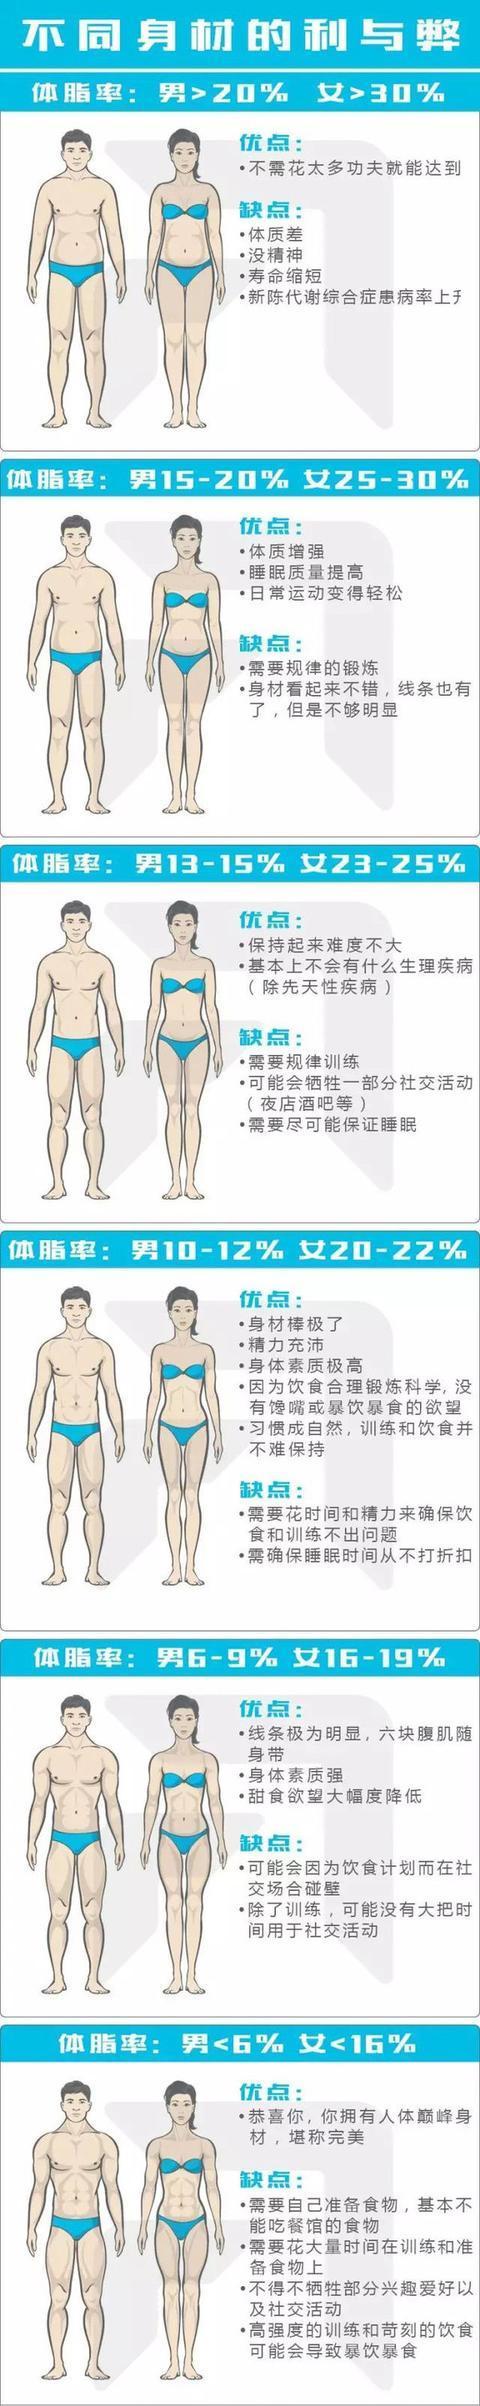 率 脂肪 女性 体